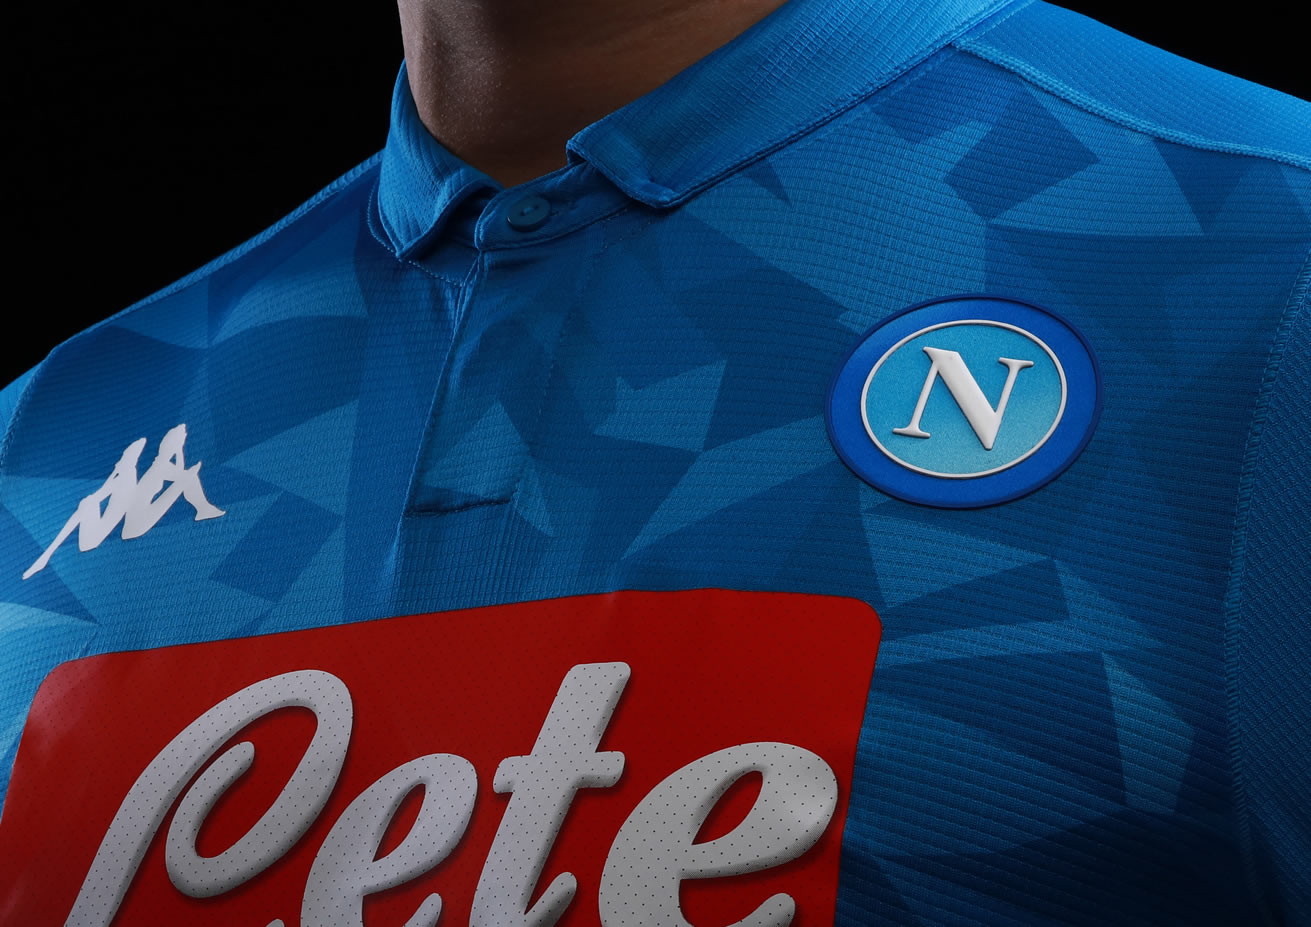 d74d5a46537ca equipacion Napoli futbol